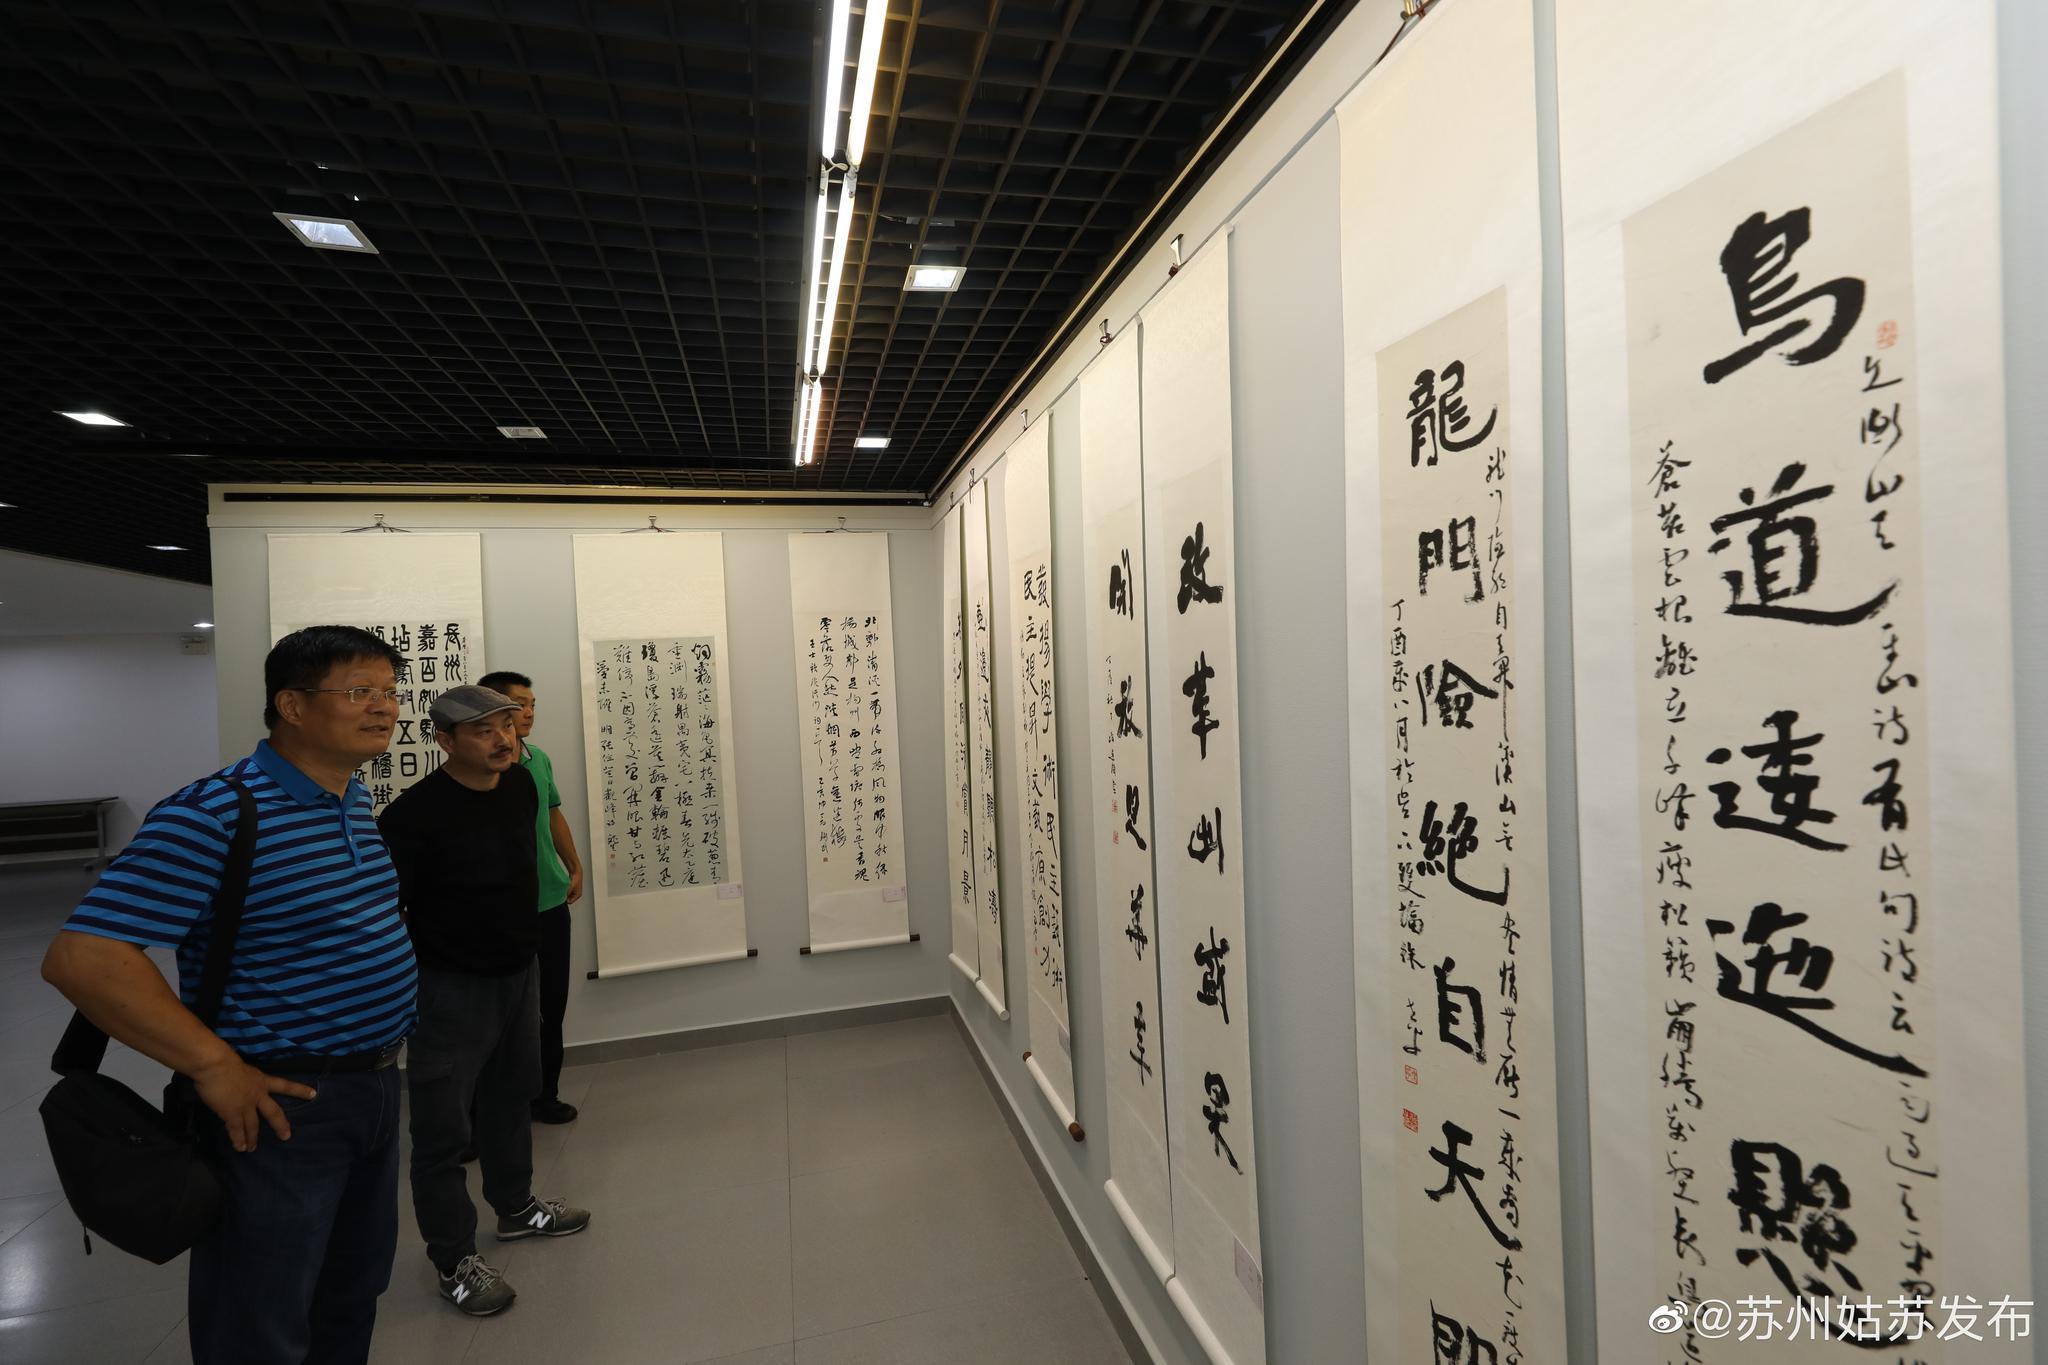 姑苏区举办邀请展 百幅书法篆刻作品迎文化盛会